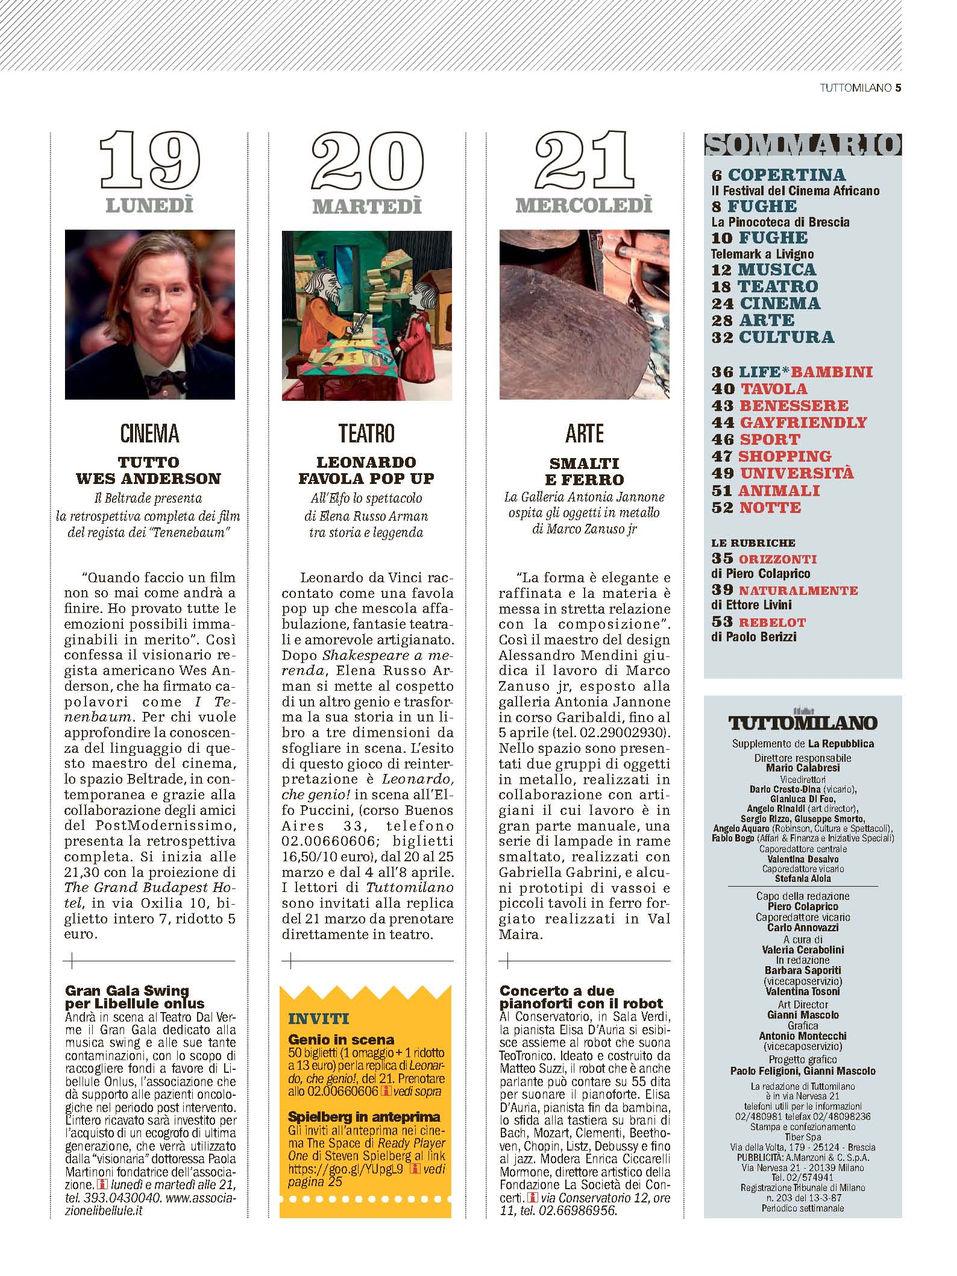 La Repubblica Tuttomilano -  15.03.18